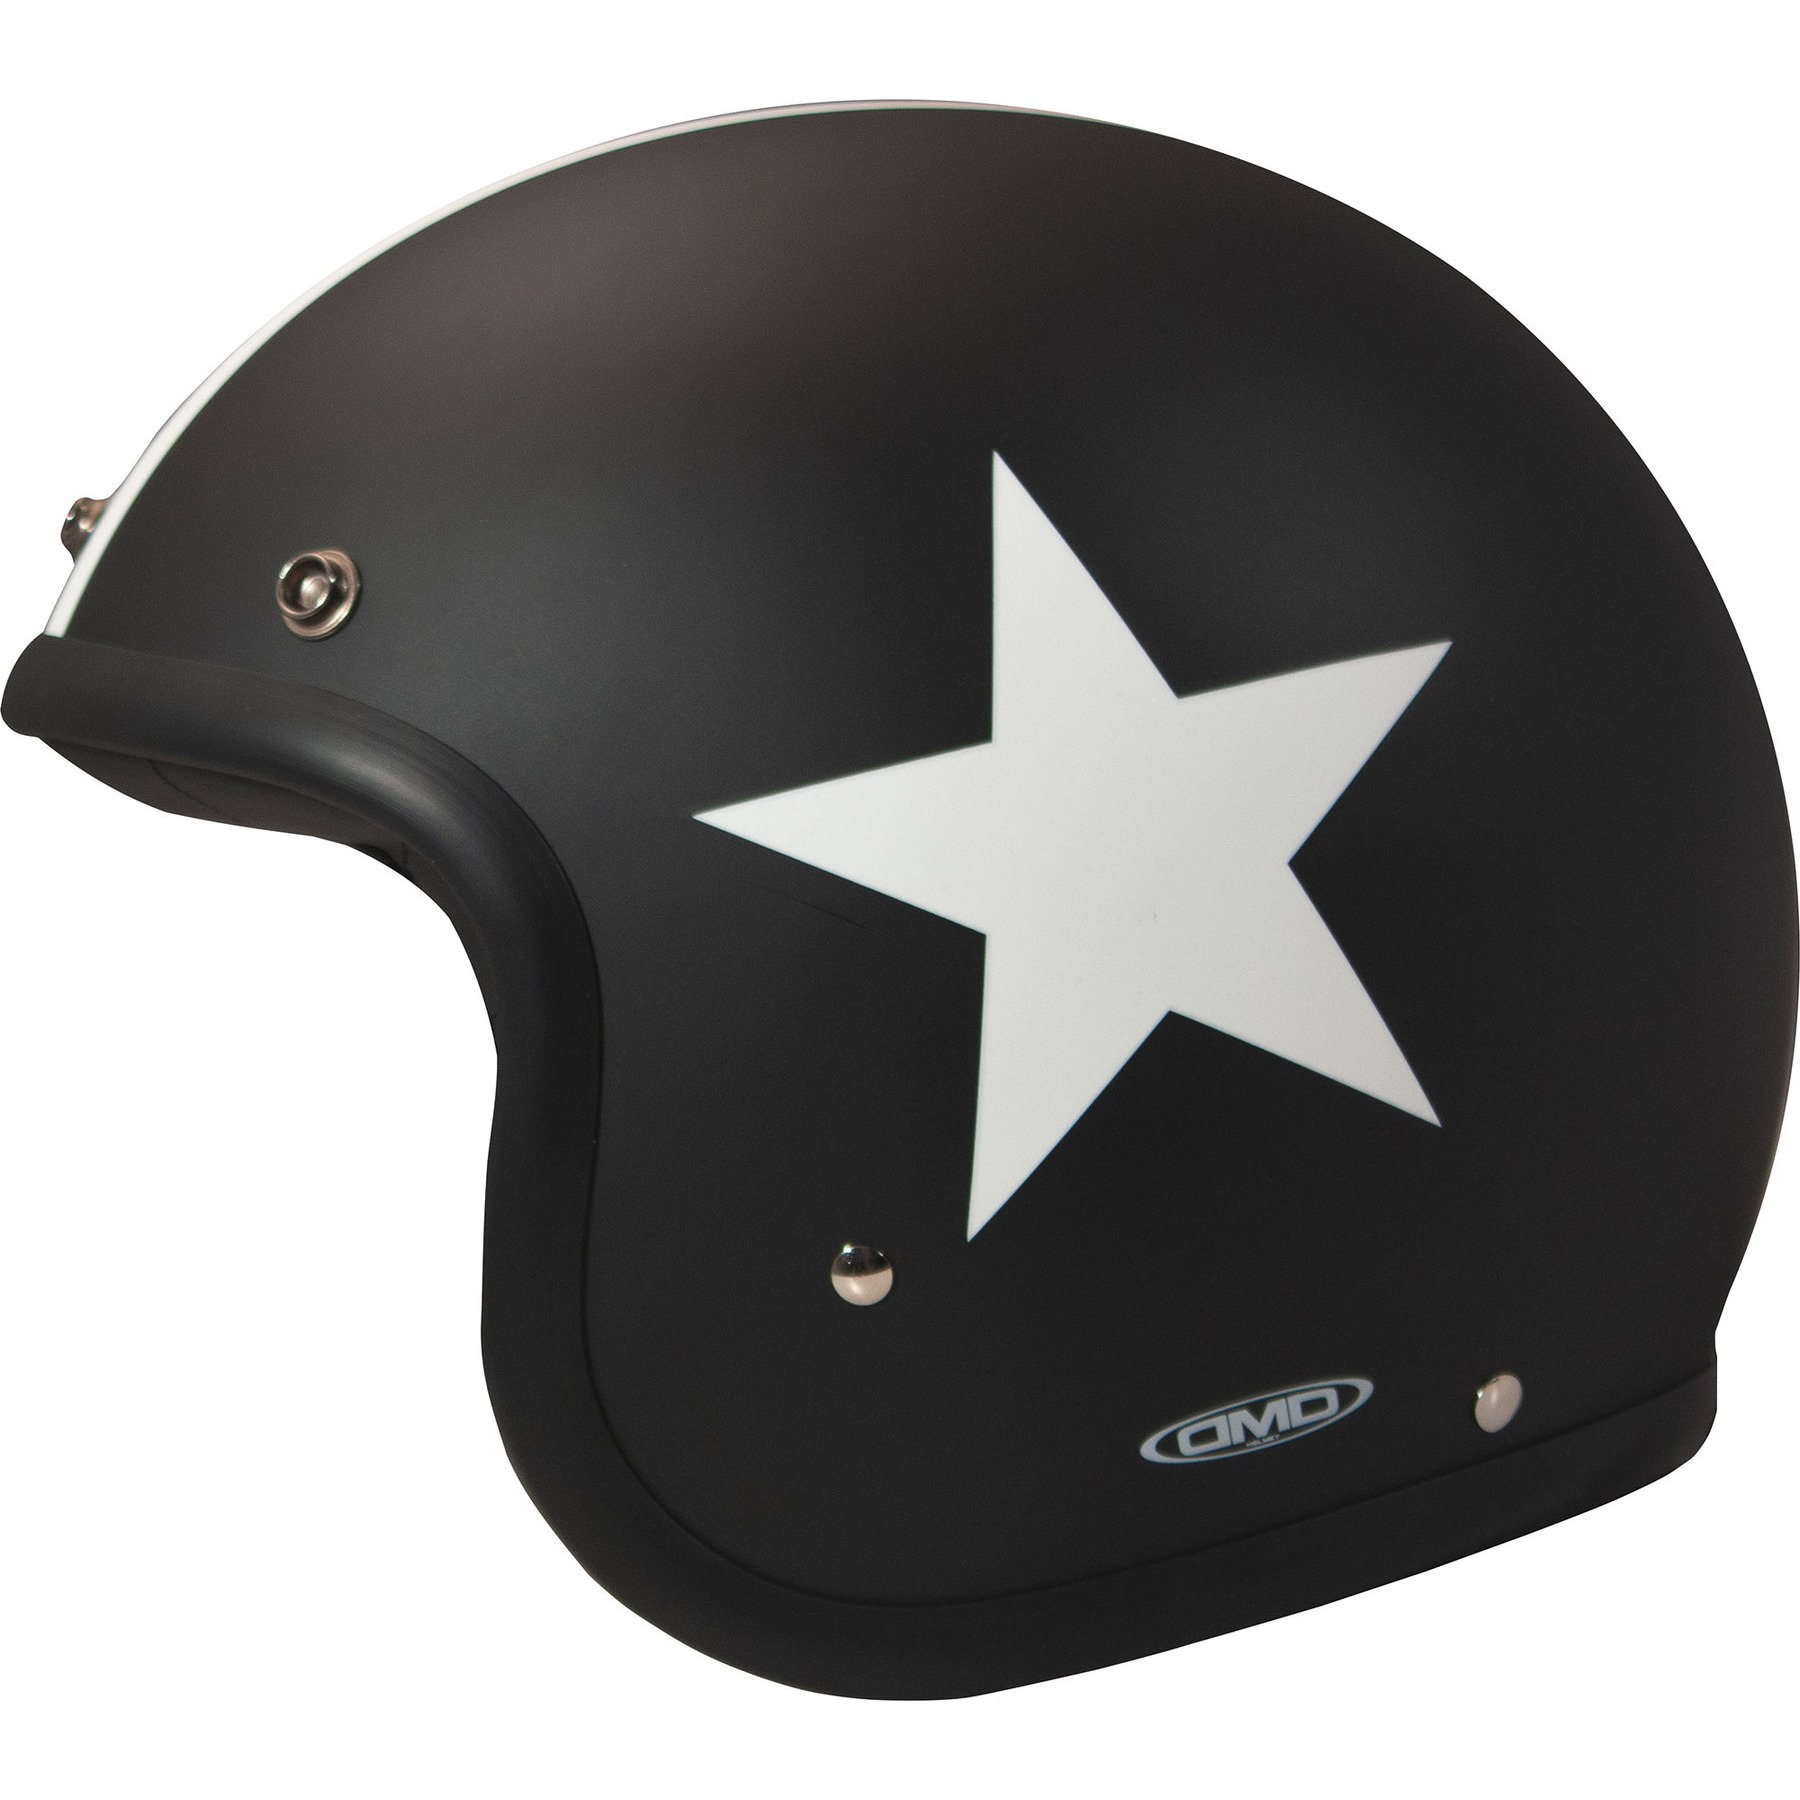 Motorrad Jet Helm DMD Vintage Mattschwarz Uni Gr XS